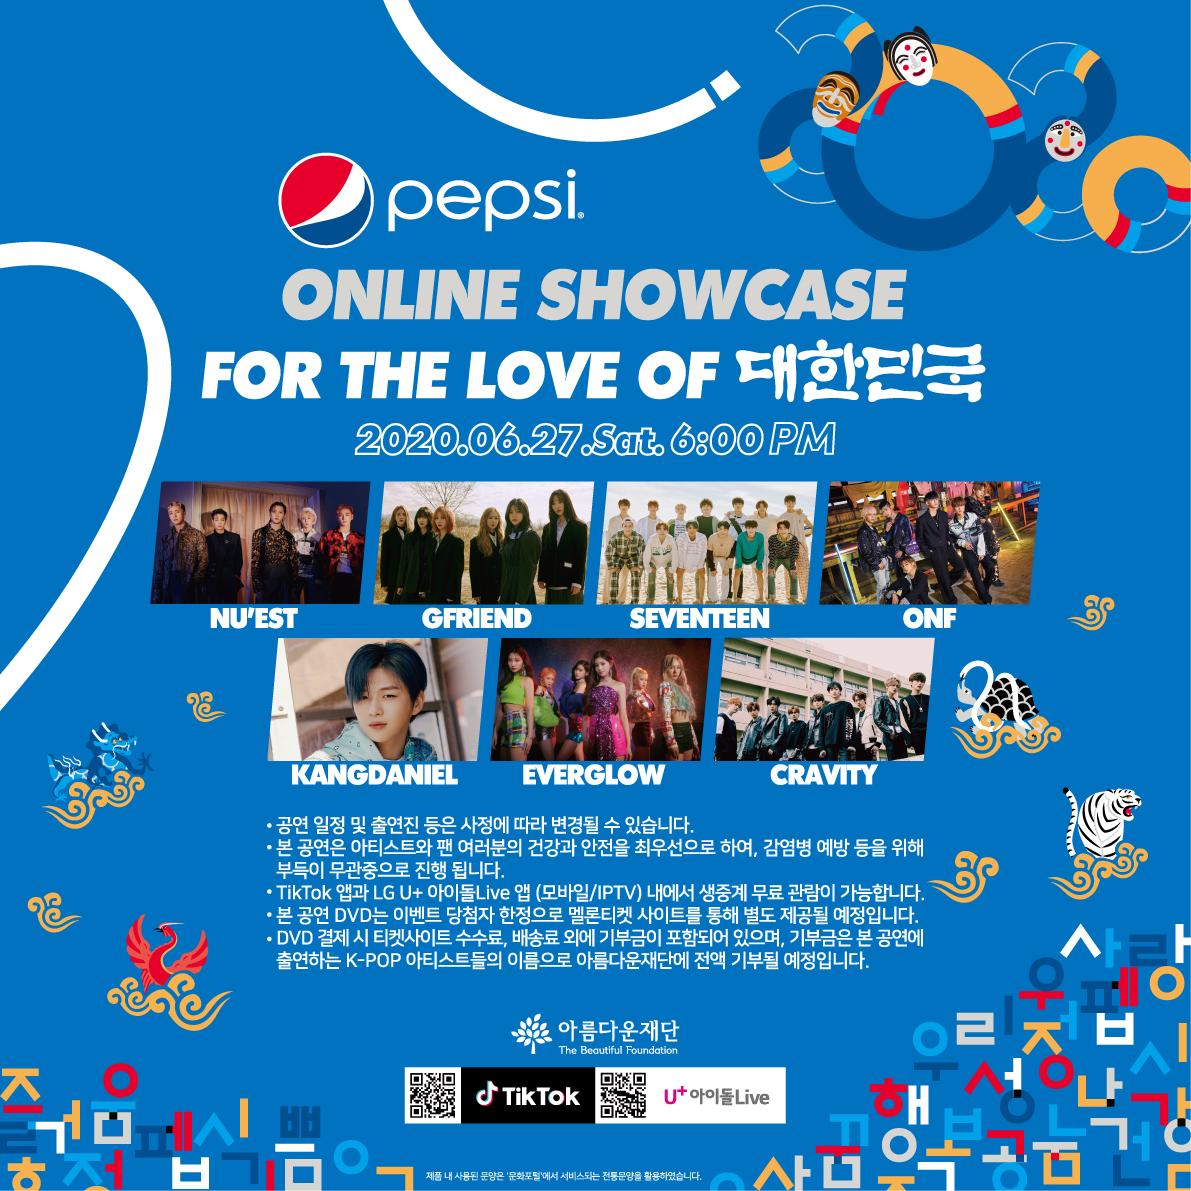 ด้อมไหนไฟแรง!!! ปูเสื่อรอกันได้เลย วันที่ 27 มิ.ย. นี้ เวลา 6 โมงตรงตามเวลาประเทศไทย กับ K-POP MUSIC ONLINE SHOWCASE  เป๊ปซี่ใจดีเปิดให้ดูกันฟรีๆที่ แอป TikTok https://t.co/BpLTWCHFgV   #FORTHELOVEOFIT #FORTHELOVEOFKOREA #pepsi #pepsiThai https://t.co/ILWs7HkTTc